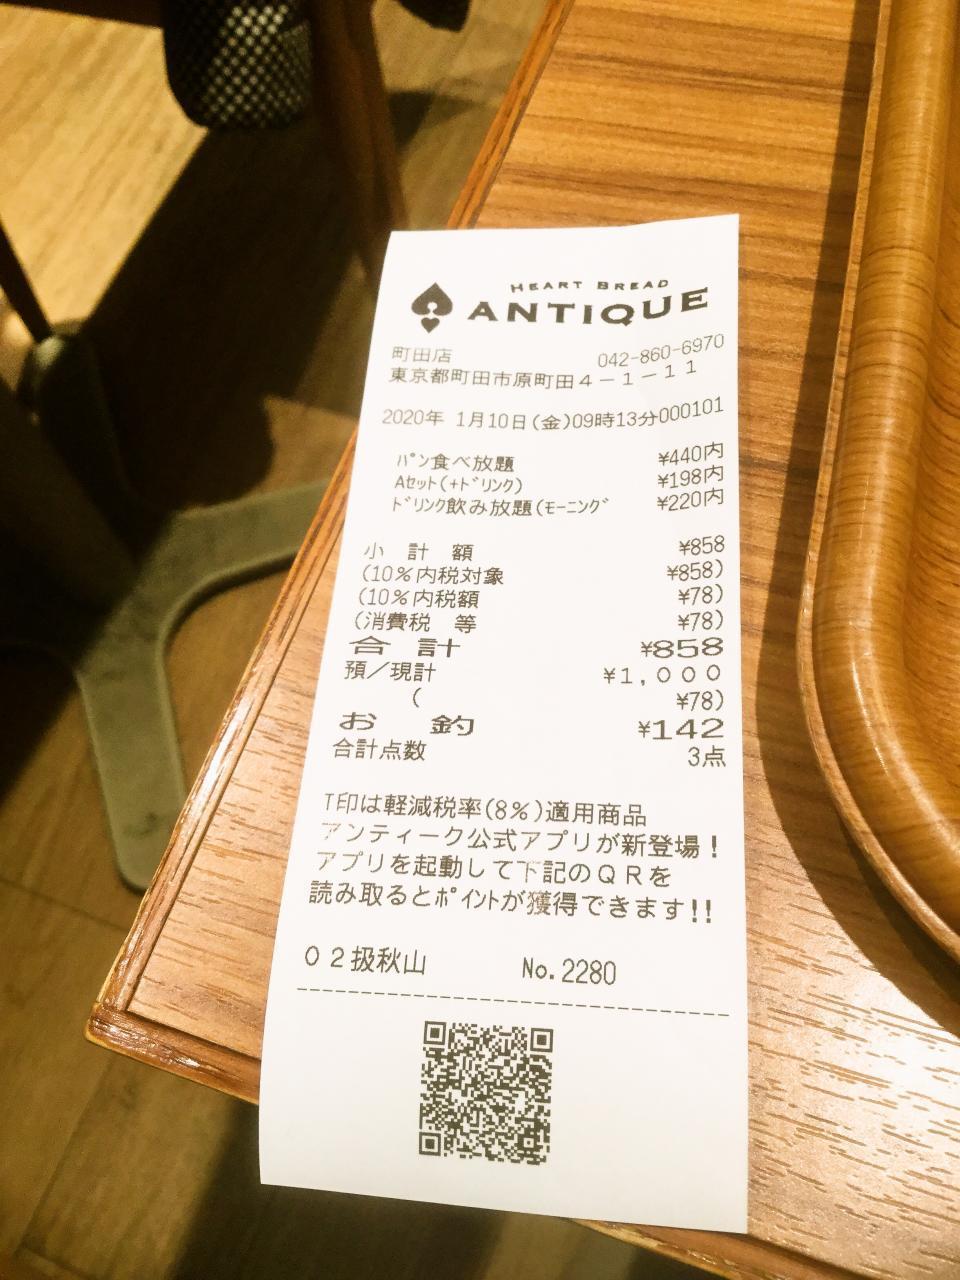 ハートブレットアンティーク町田店(アプリ)